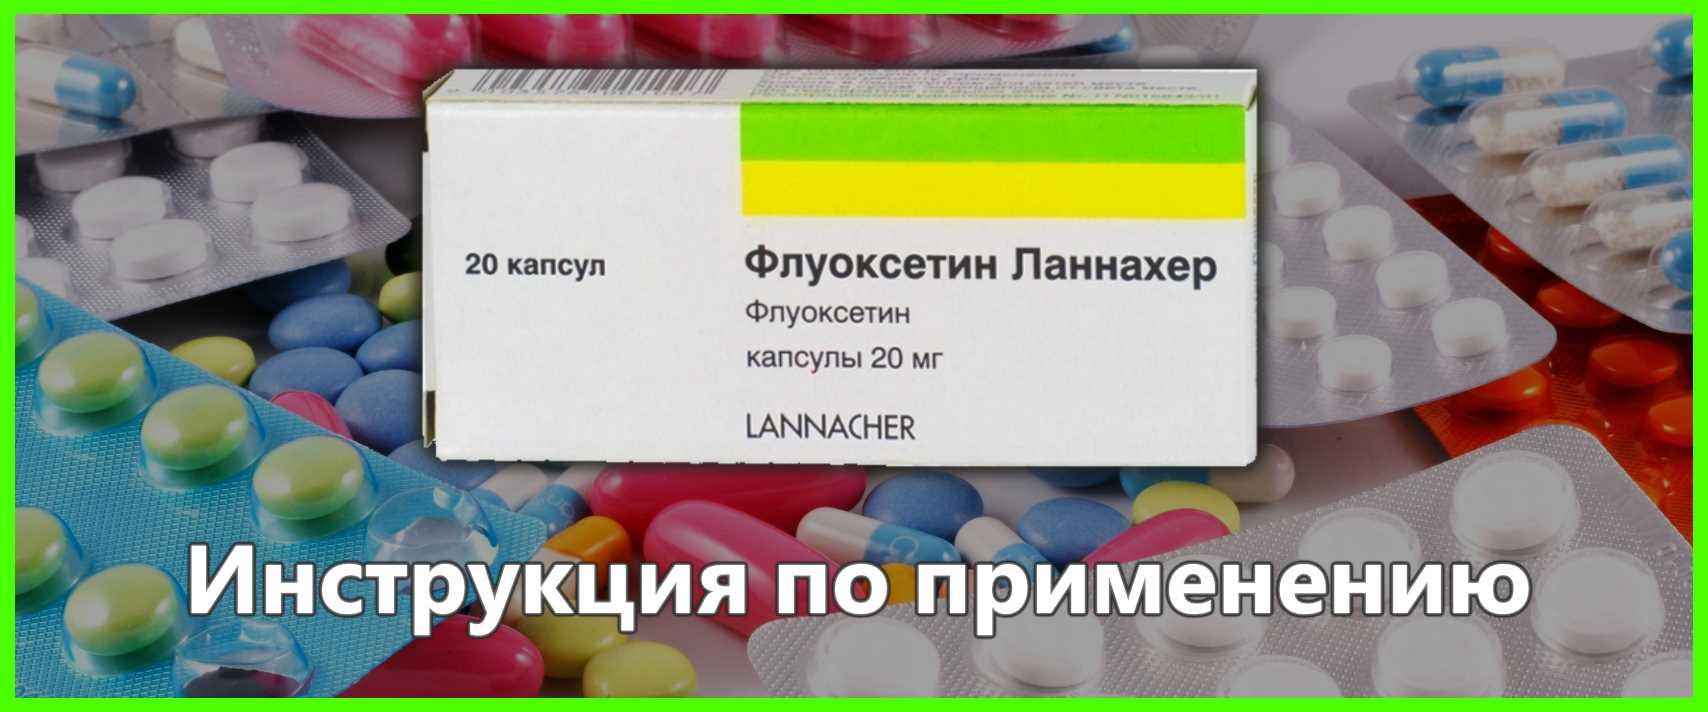 Флуоксетин Ланнахер - инструкция по применению. Можно ли купить без рецептов и применять для похудения. Цена, отзывы, аналоги